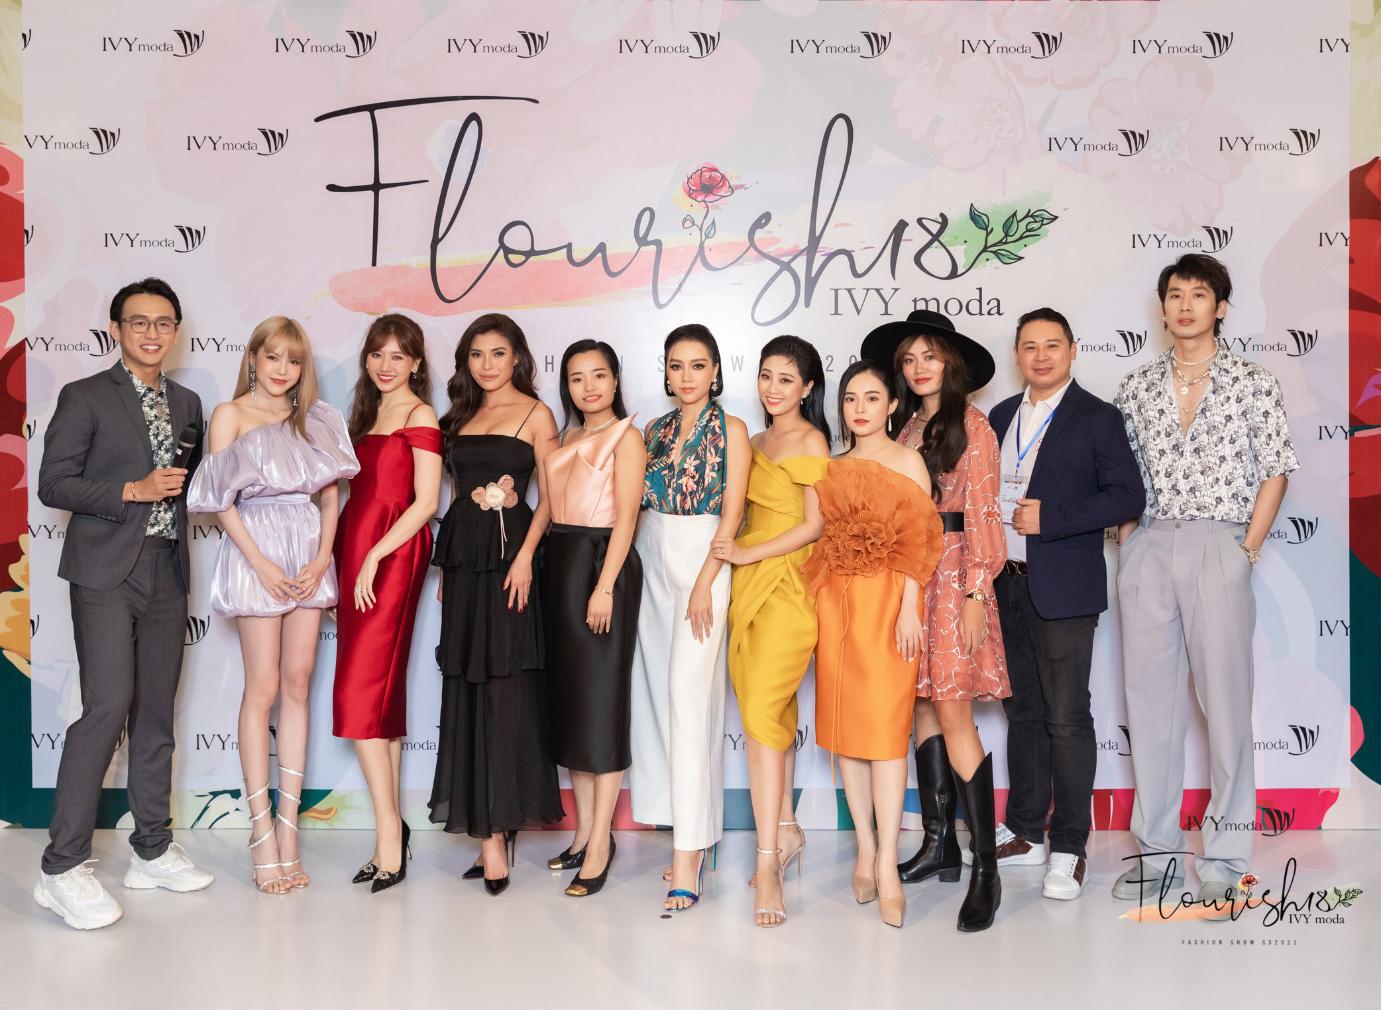 5 điểm nhấn đắt giá trong show diễn tràn đầy đam mê của IVY moda - Ảnh 1.